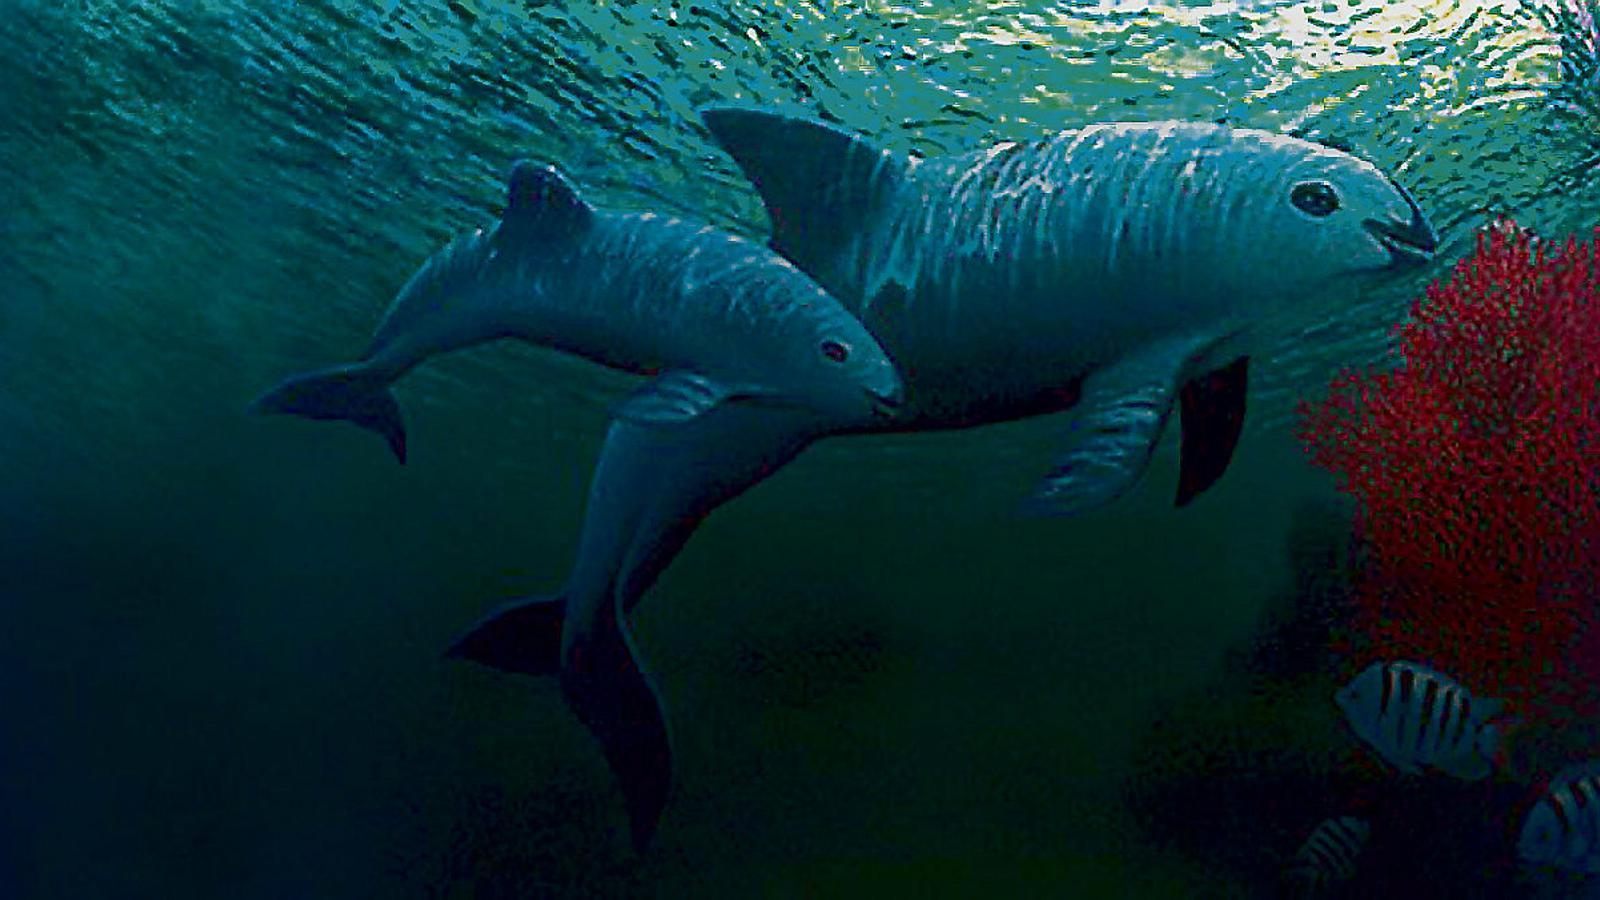 """La marsopa de Califòrnia, un cetaci endèmic del golf de Califòrnia que es coneix popularment com a """"vaquita"""", és el mamífer marí en estat més crític de l'actualitat. Els últims estudis asseguren que en queden menys de 20."""